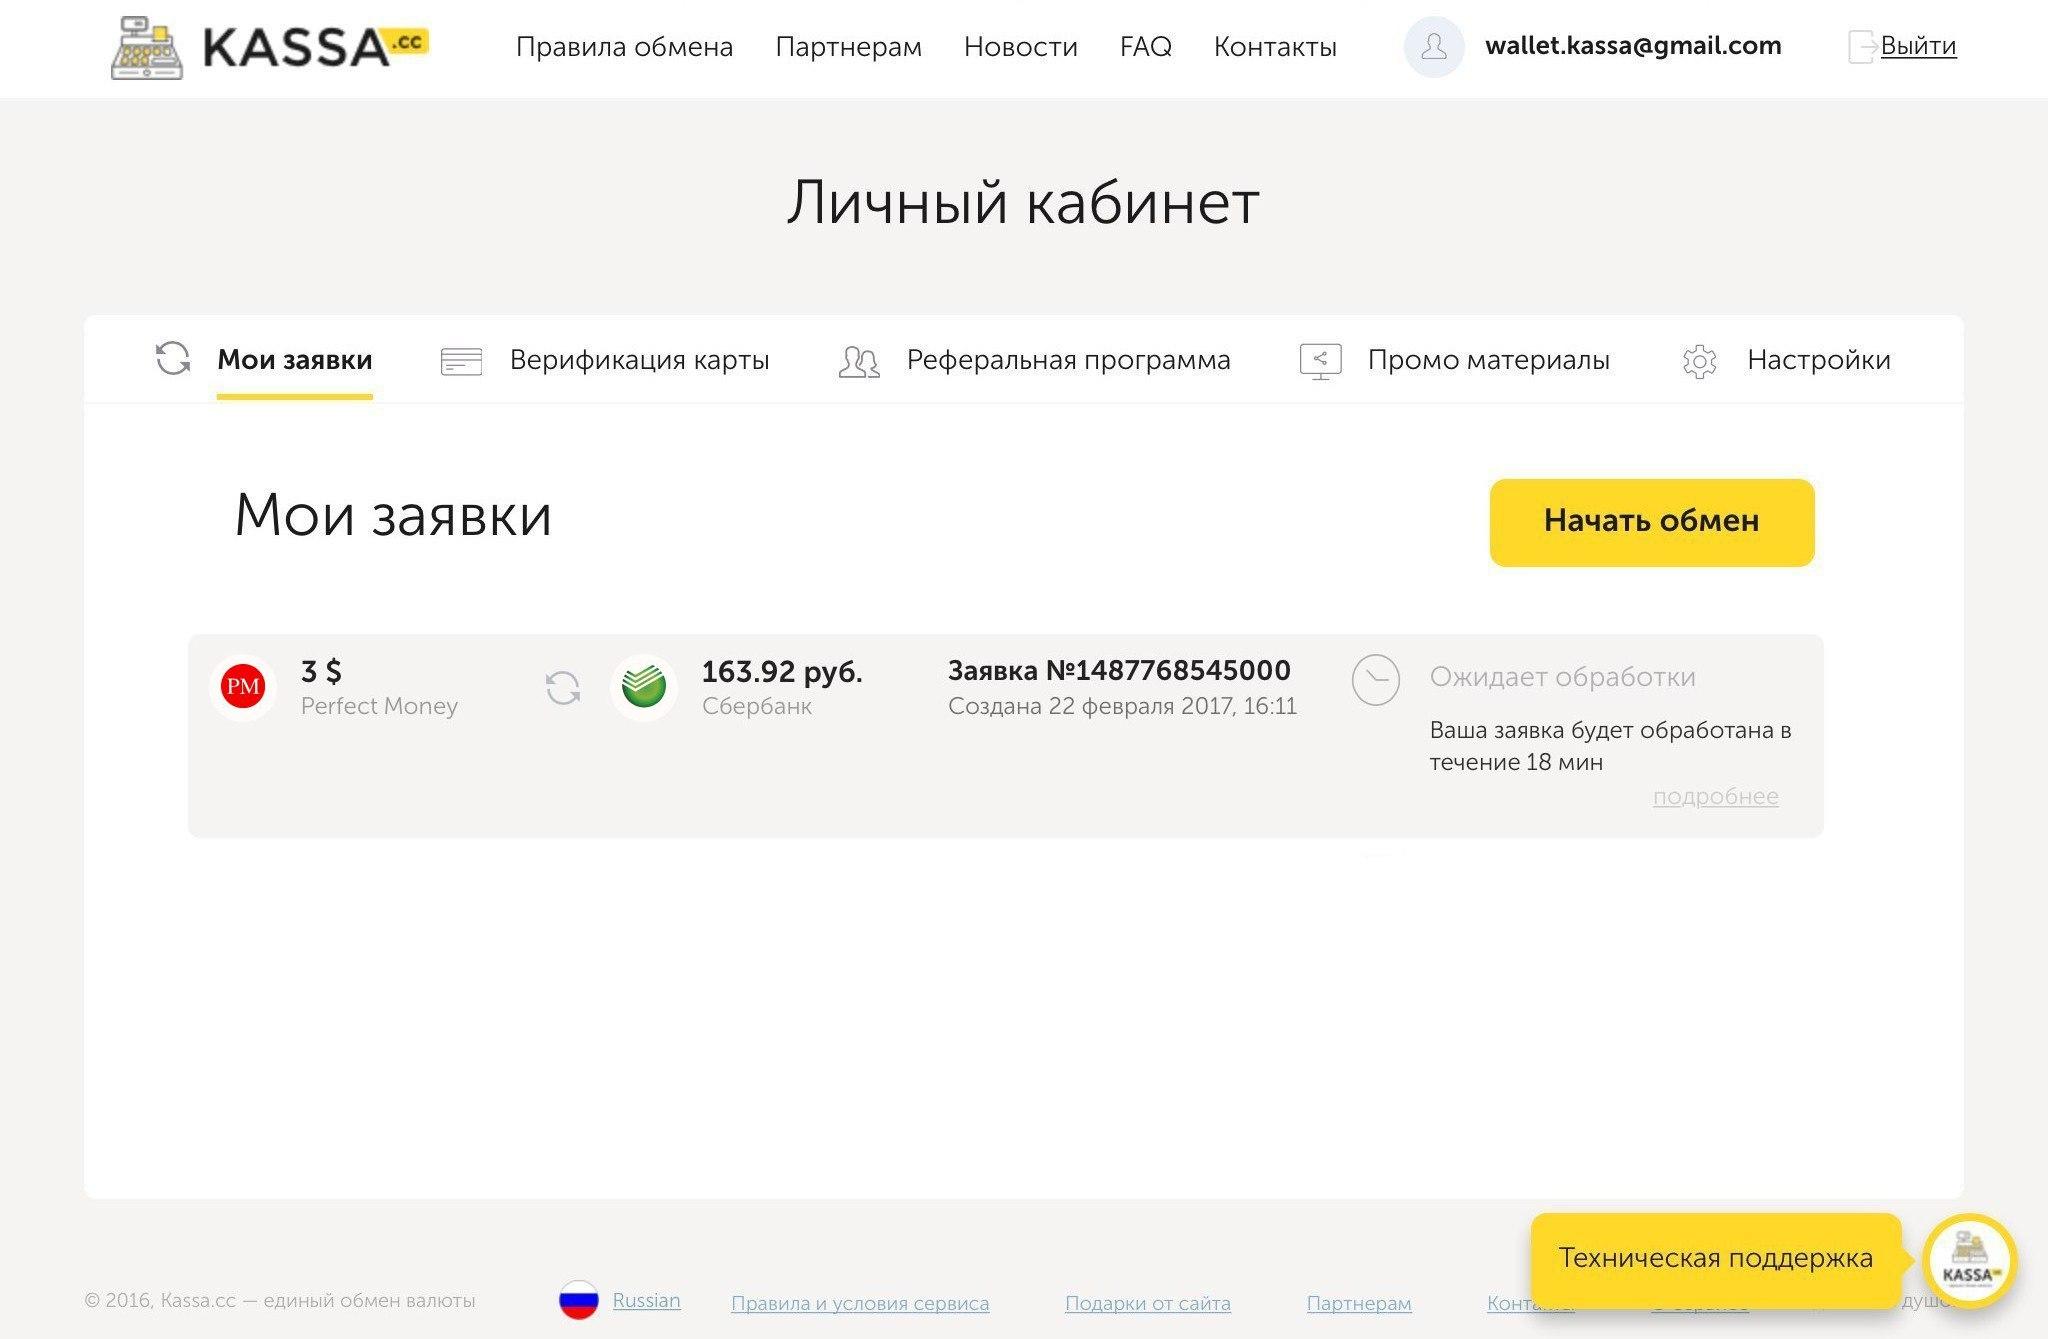 Kassa.cc - единый обмен валюты. Вывод Perfect Money USD на карту Сбербанкак